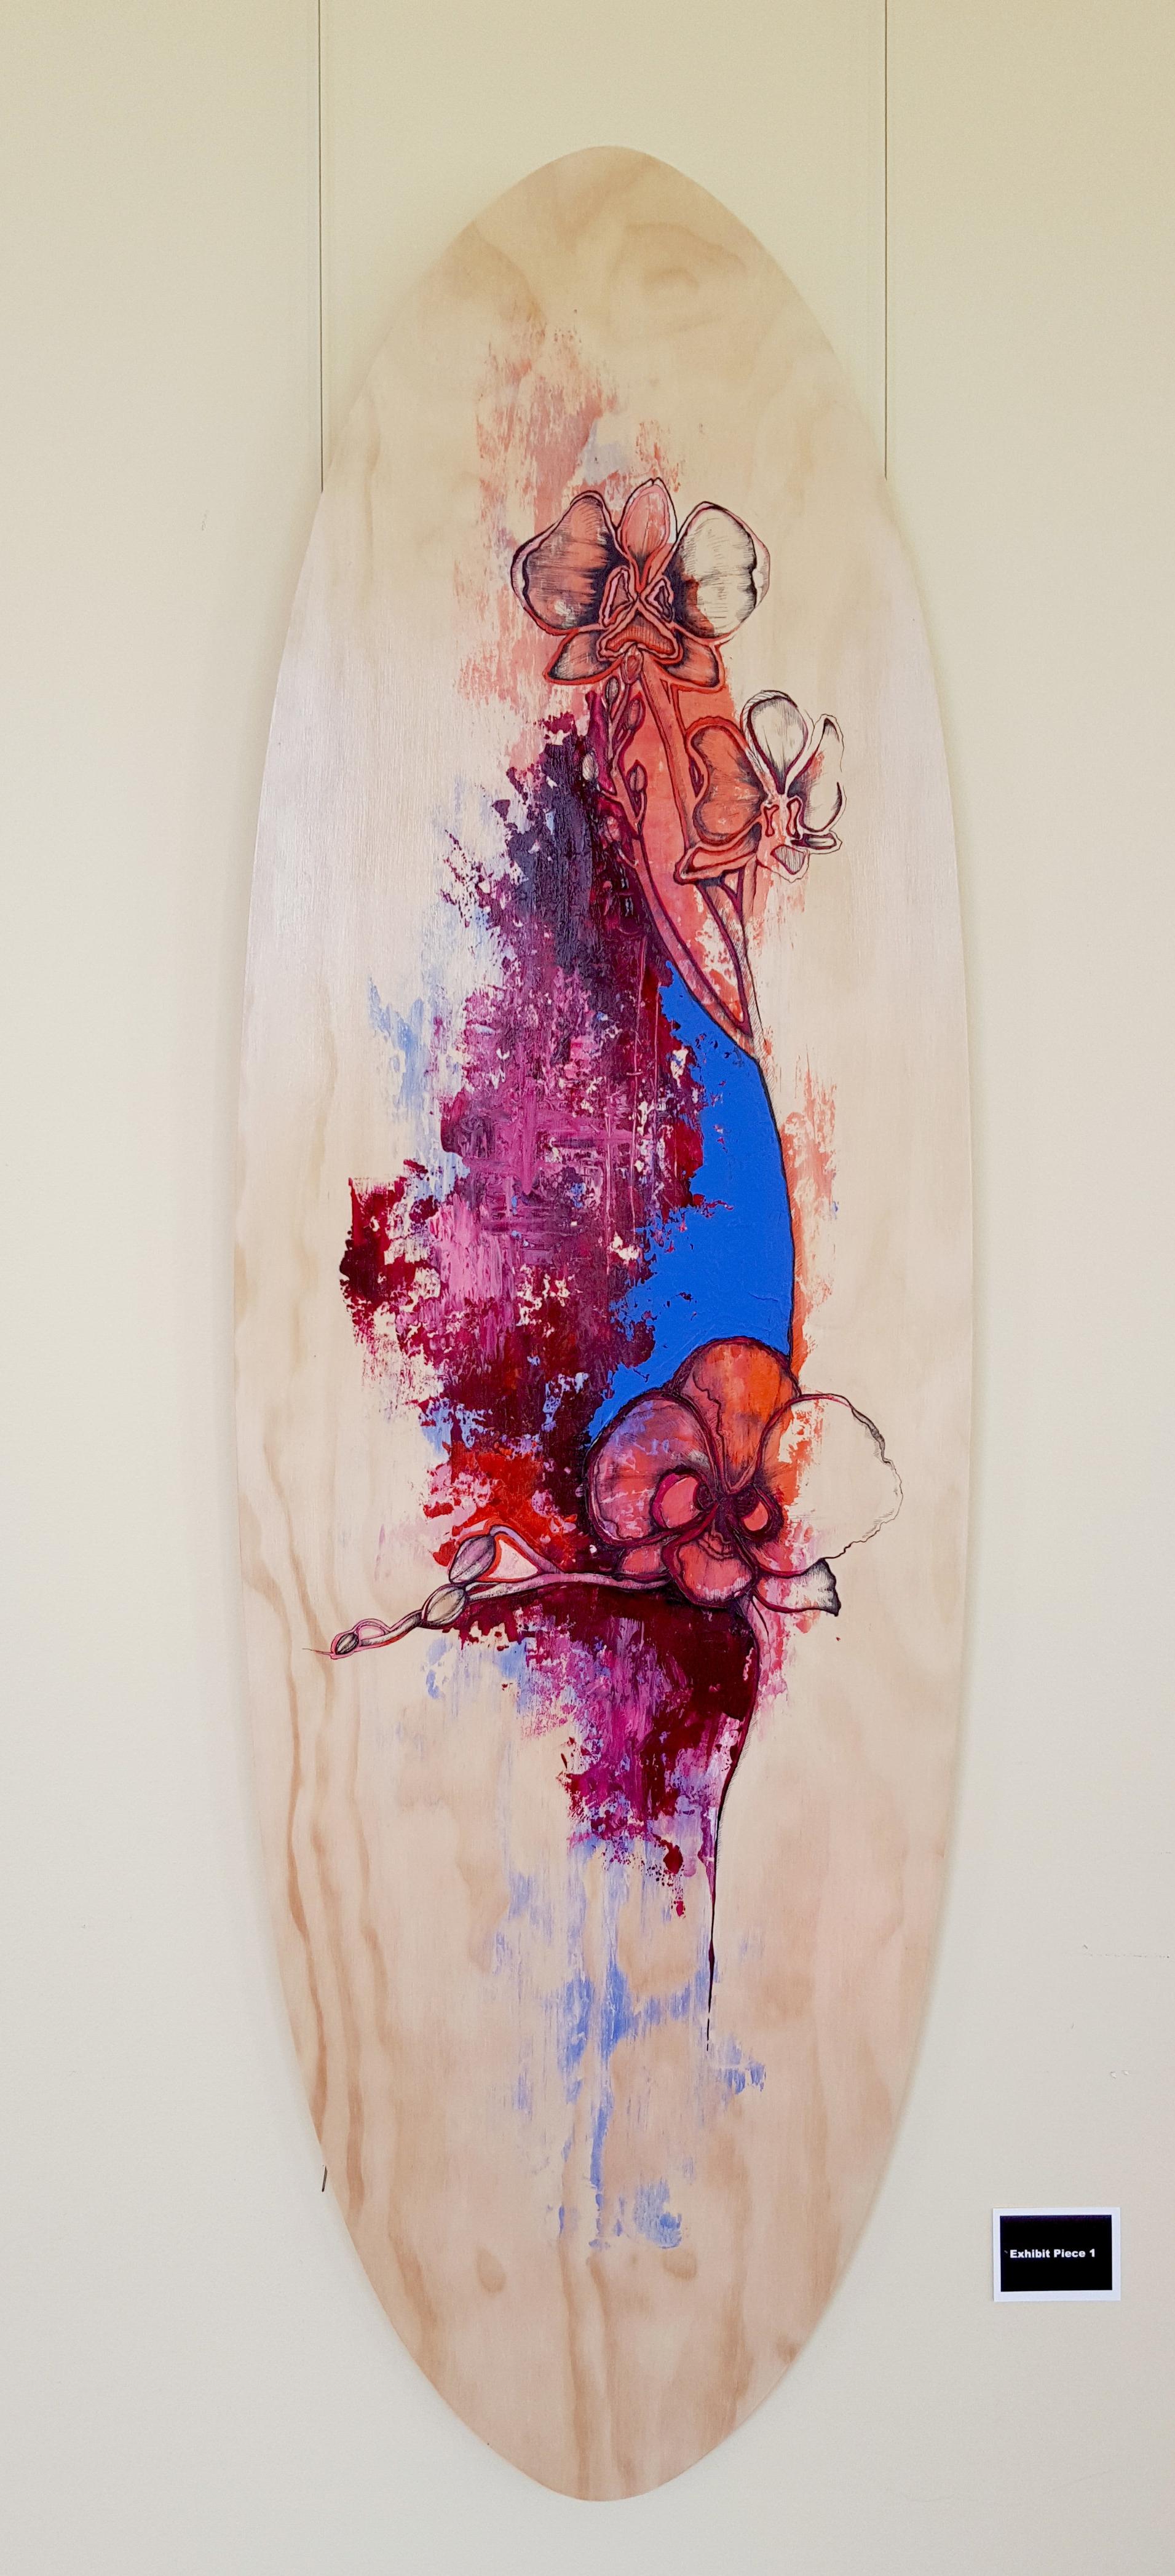 Exhibition Piece 1